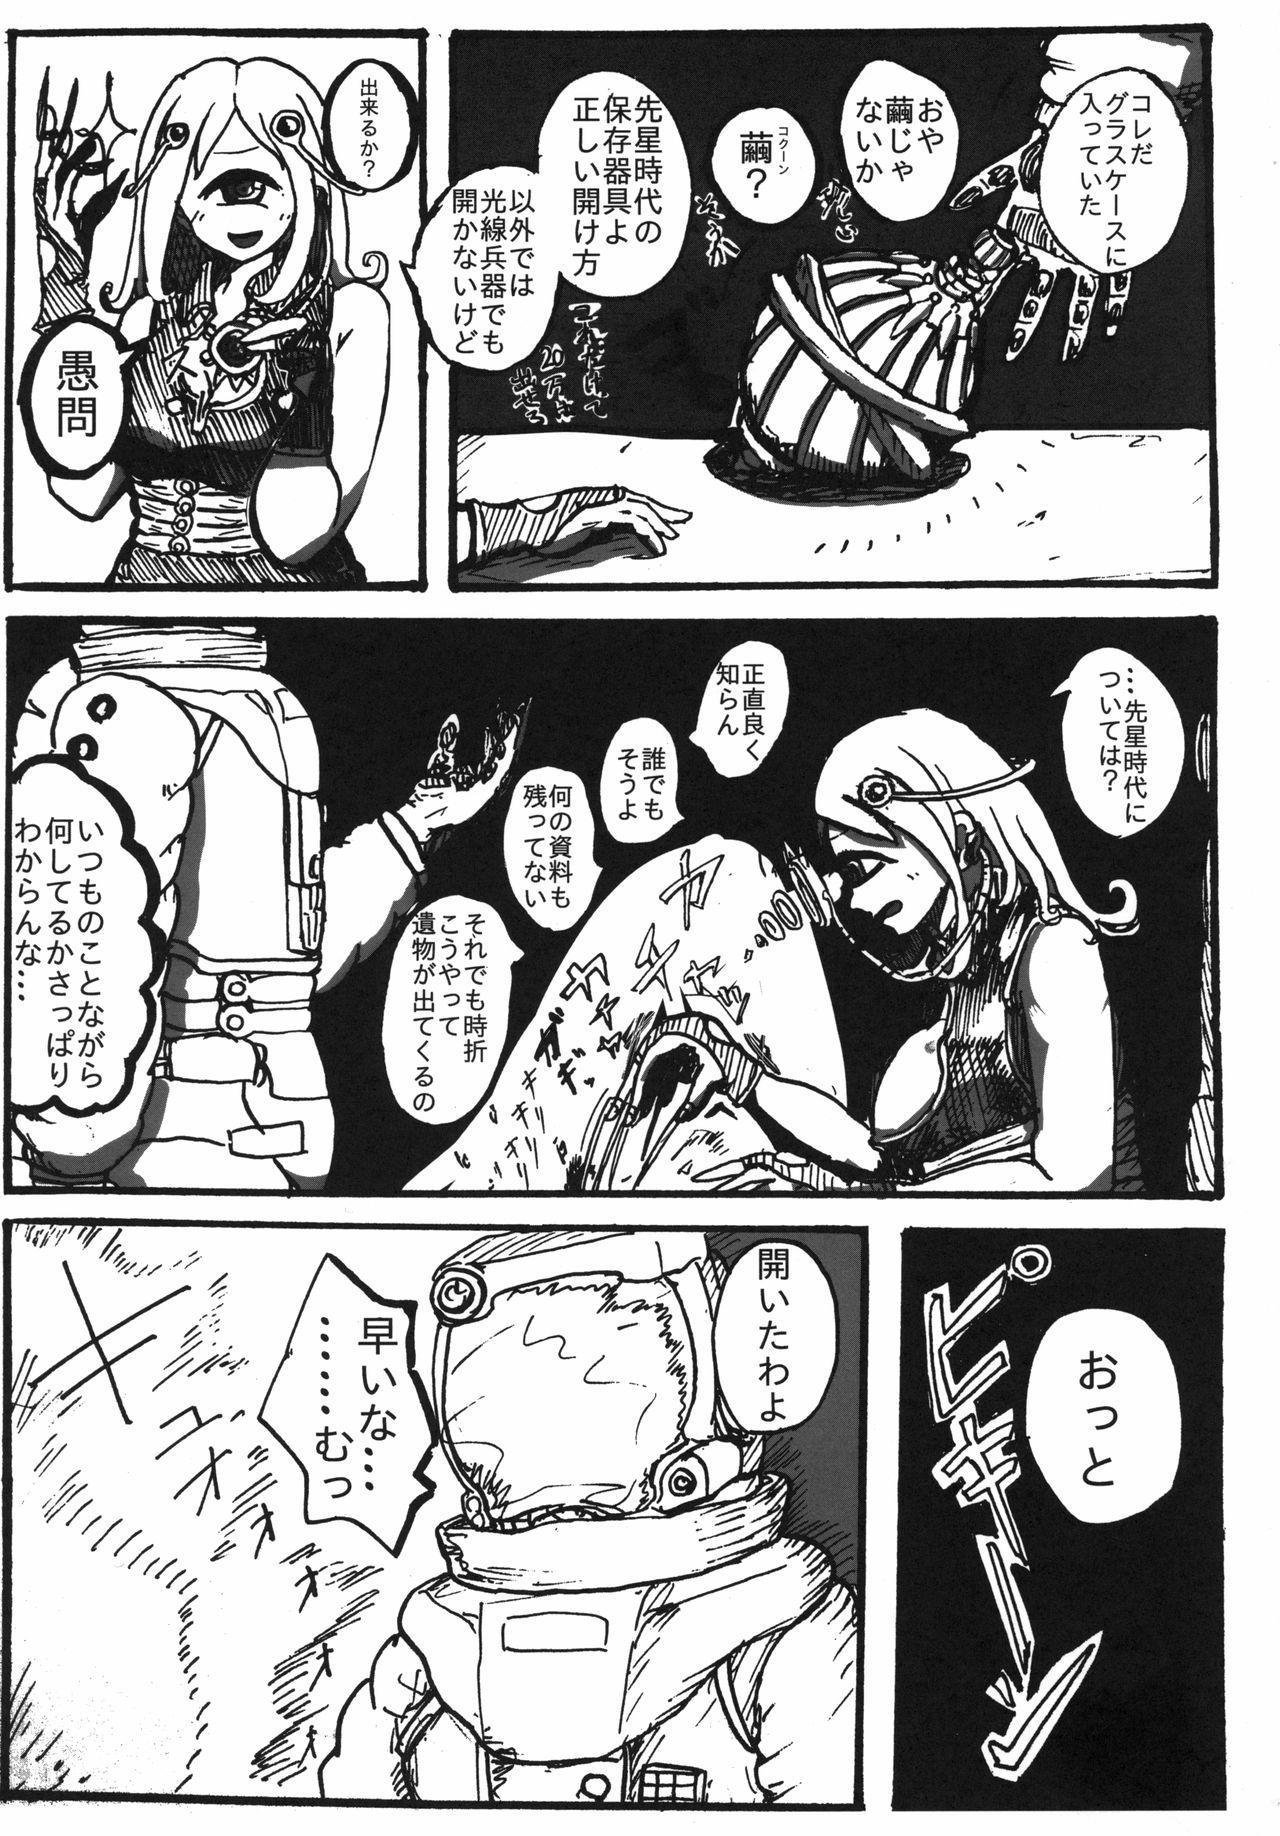 Uchuujin x Kyojo / Size-sa Goudoushi Reiwagou 81